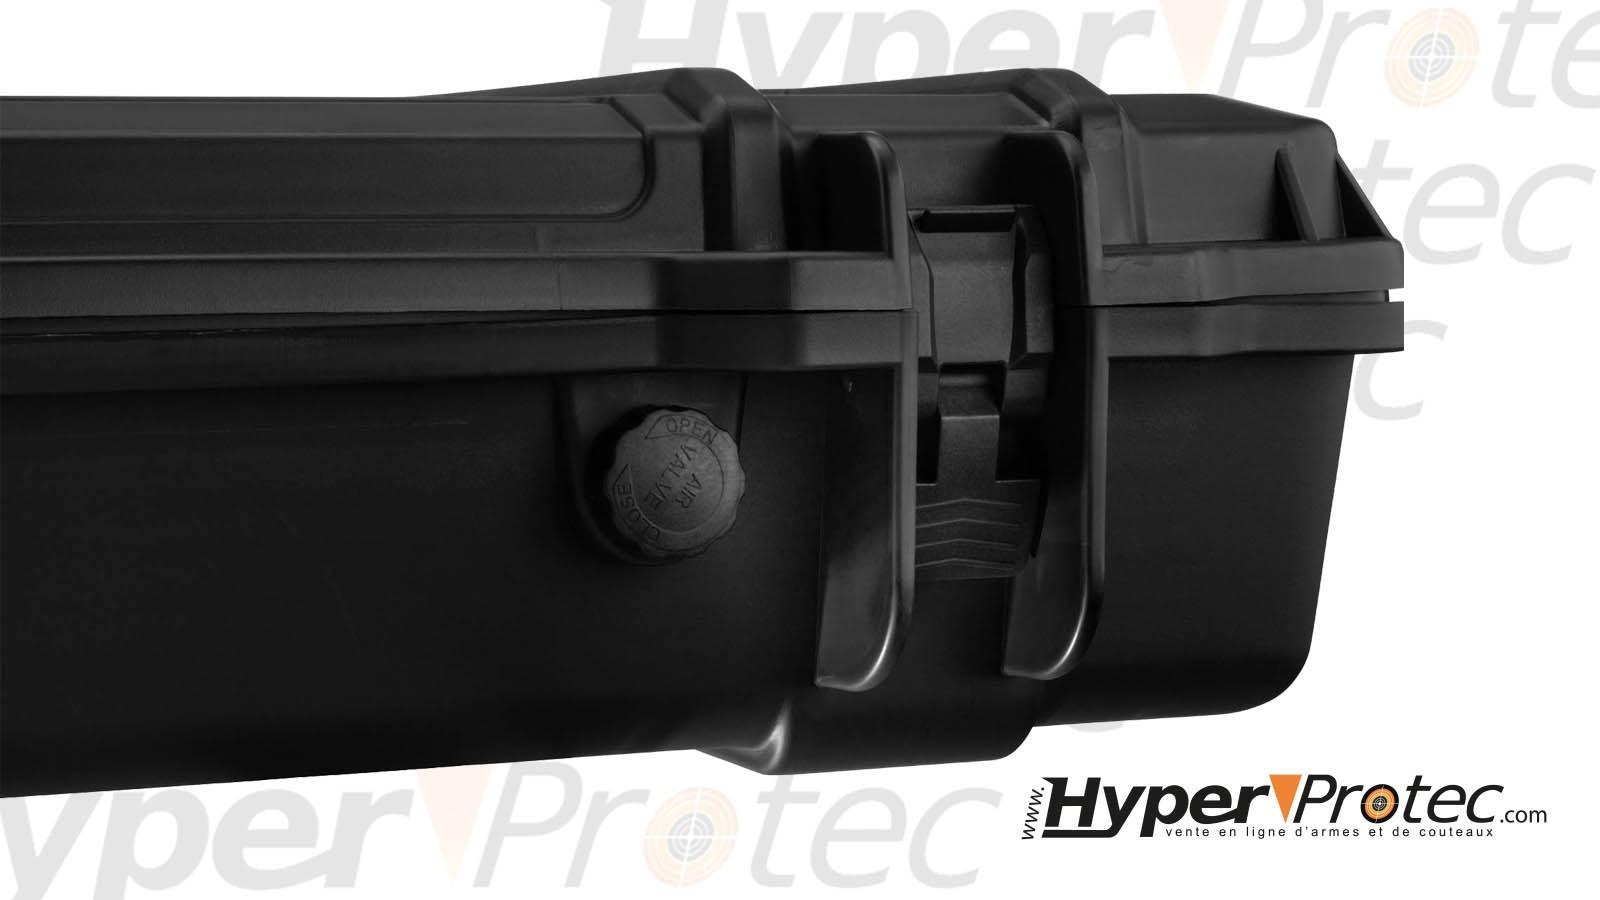 Carabine à air comprimé PCP Gamo Coyote synthétique